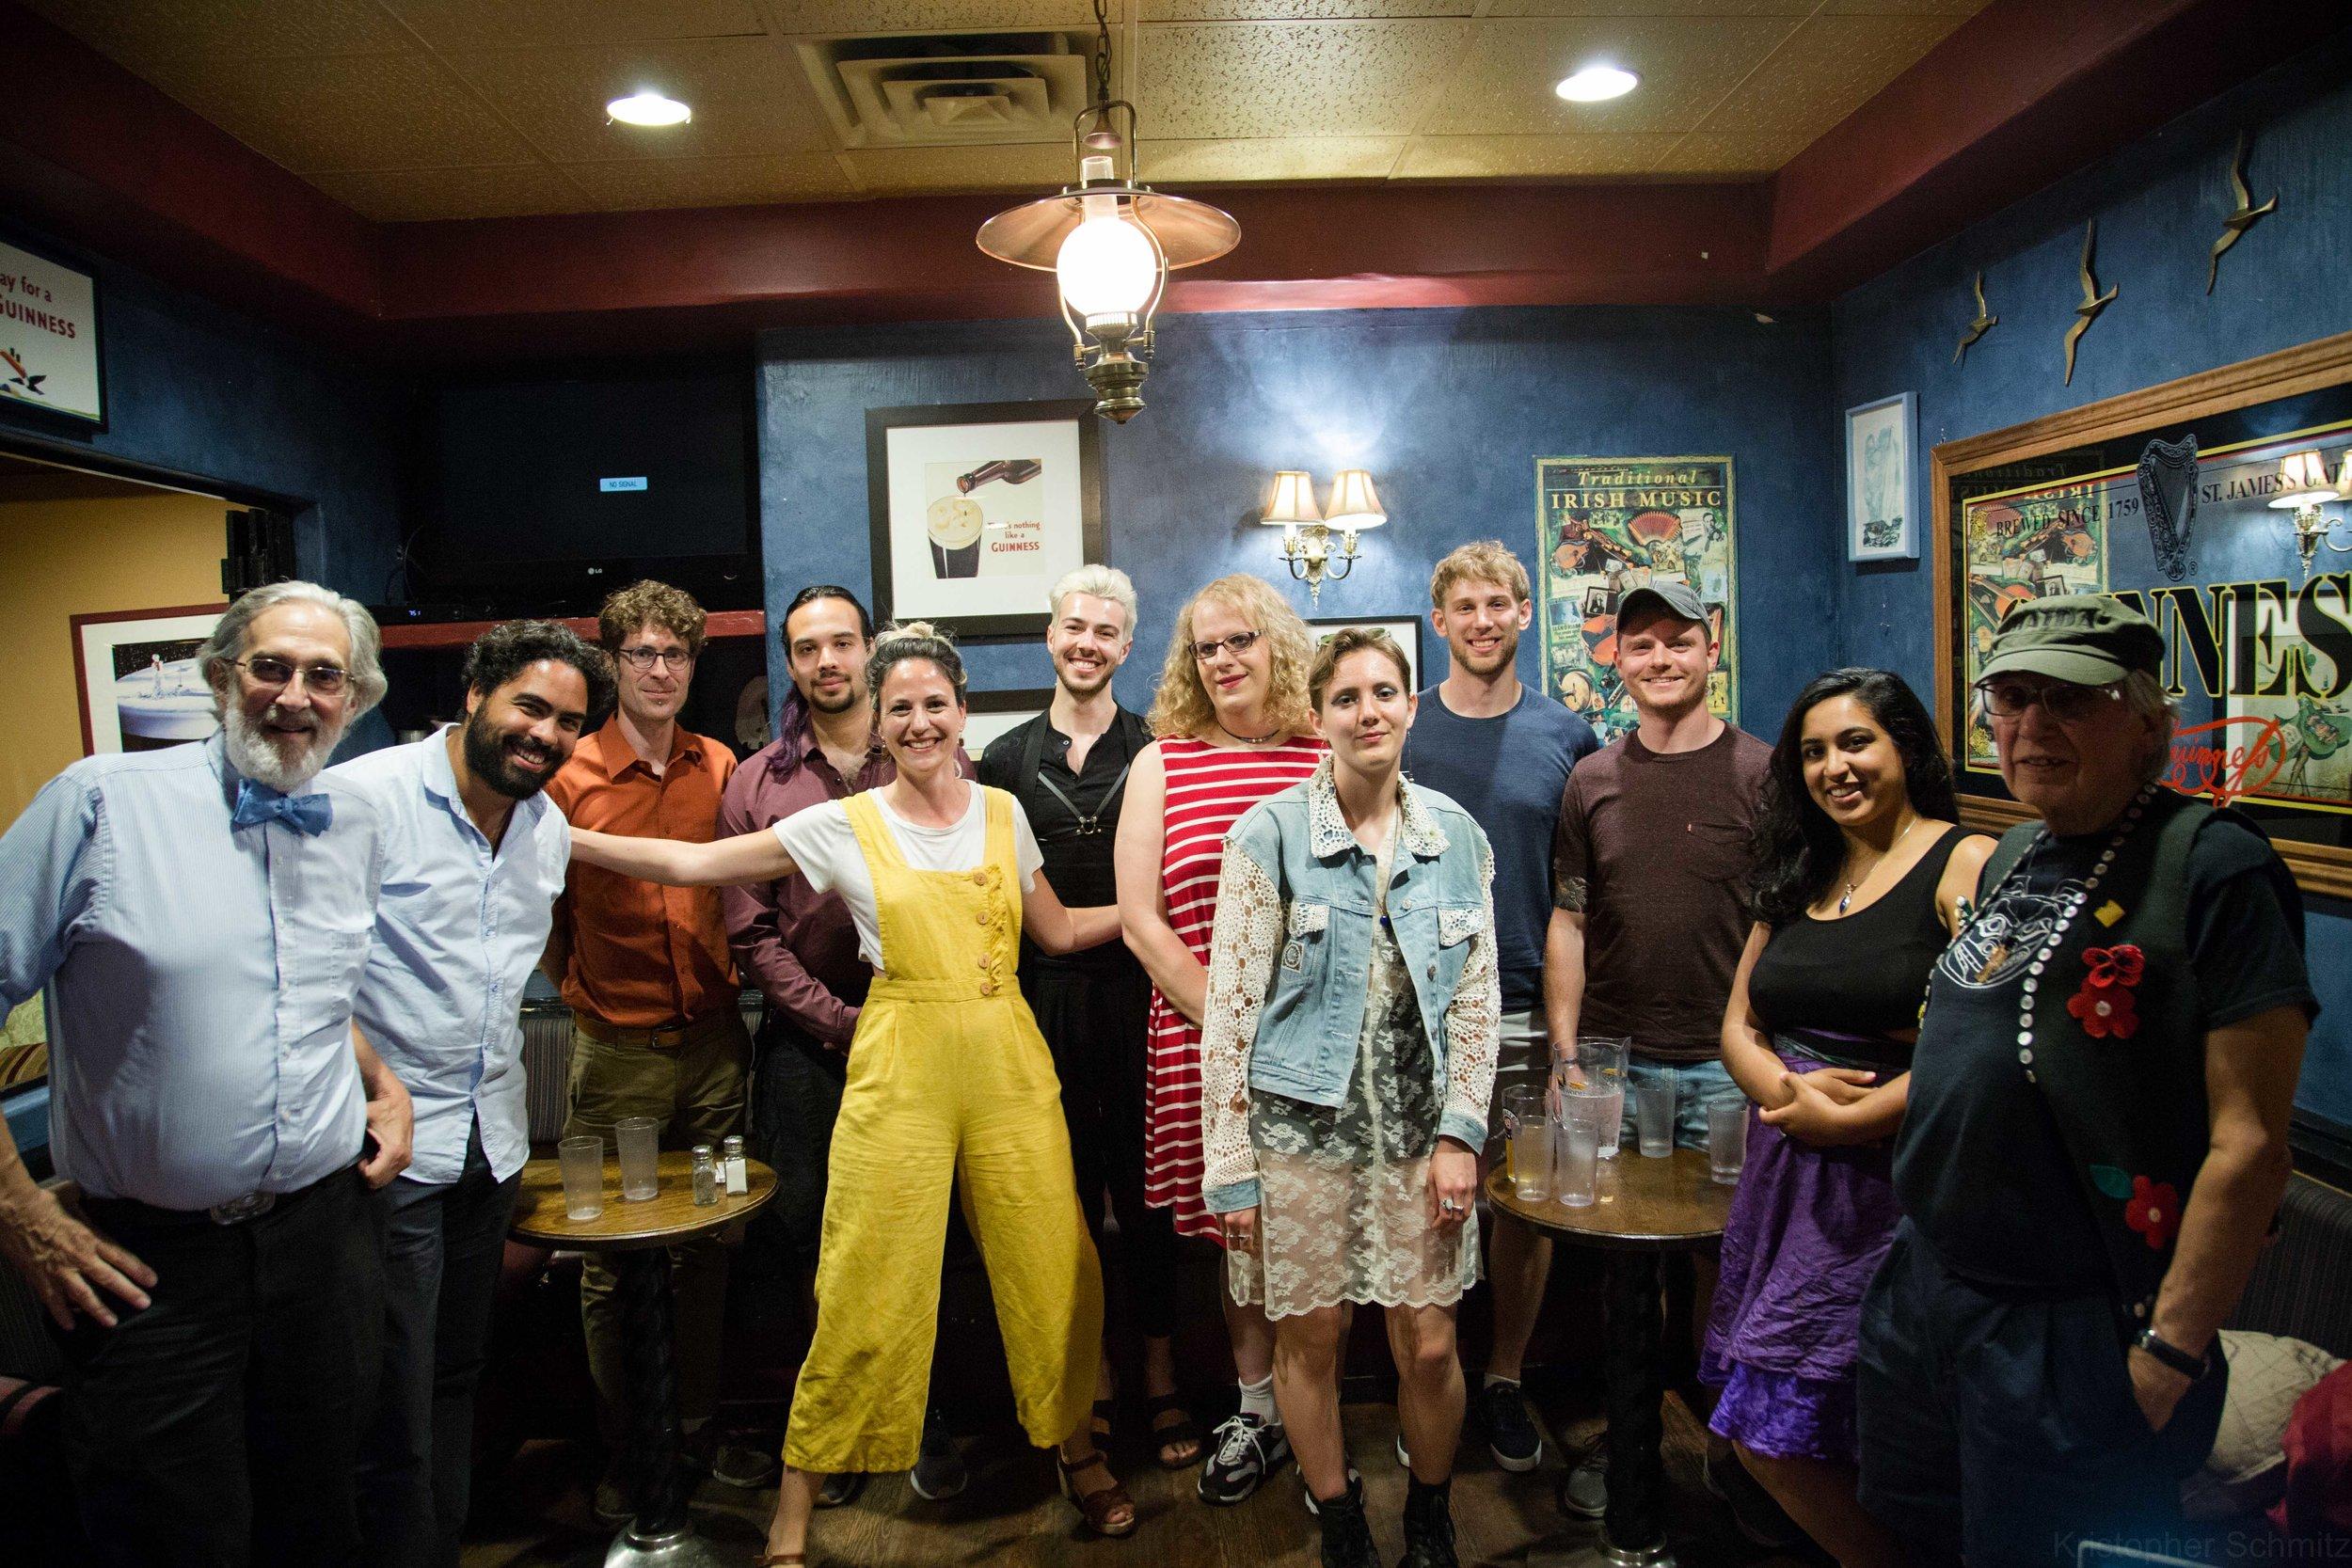 Storyteller group